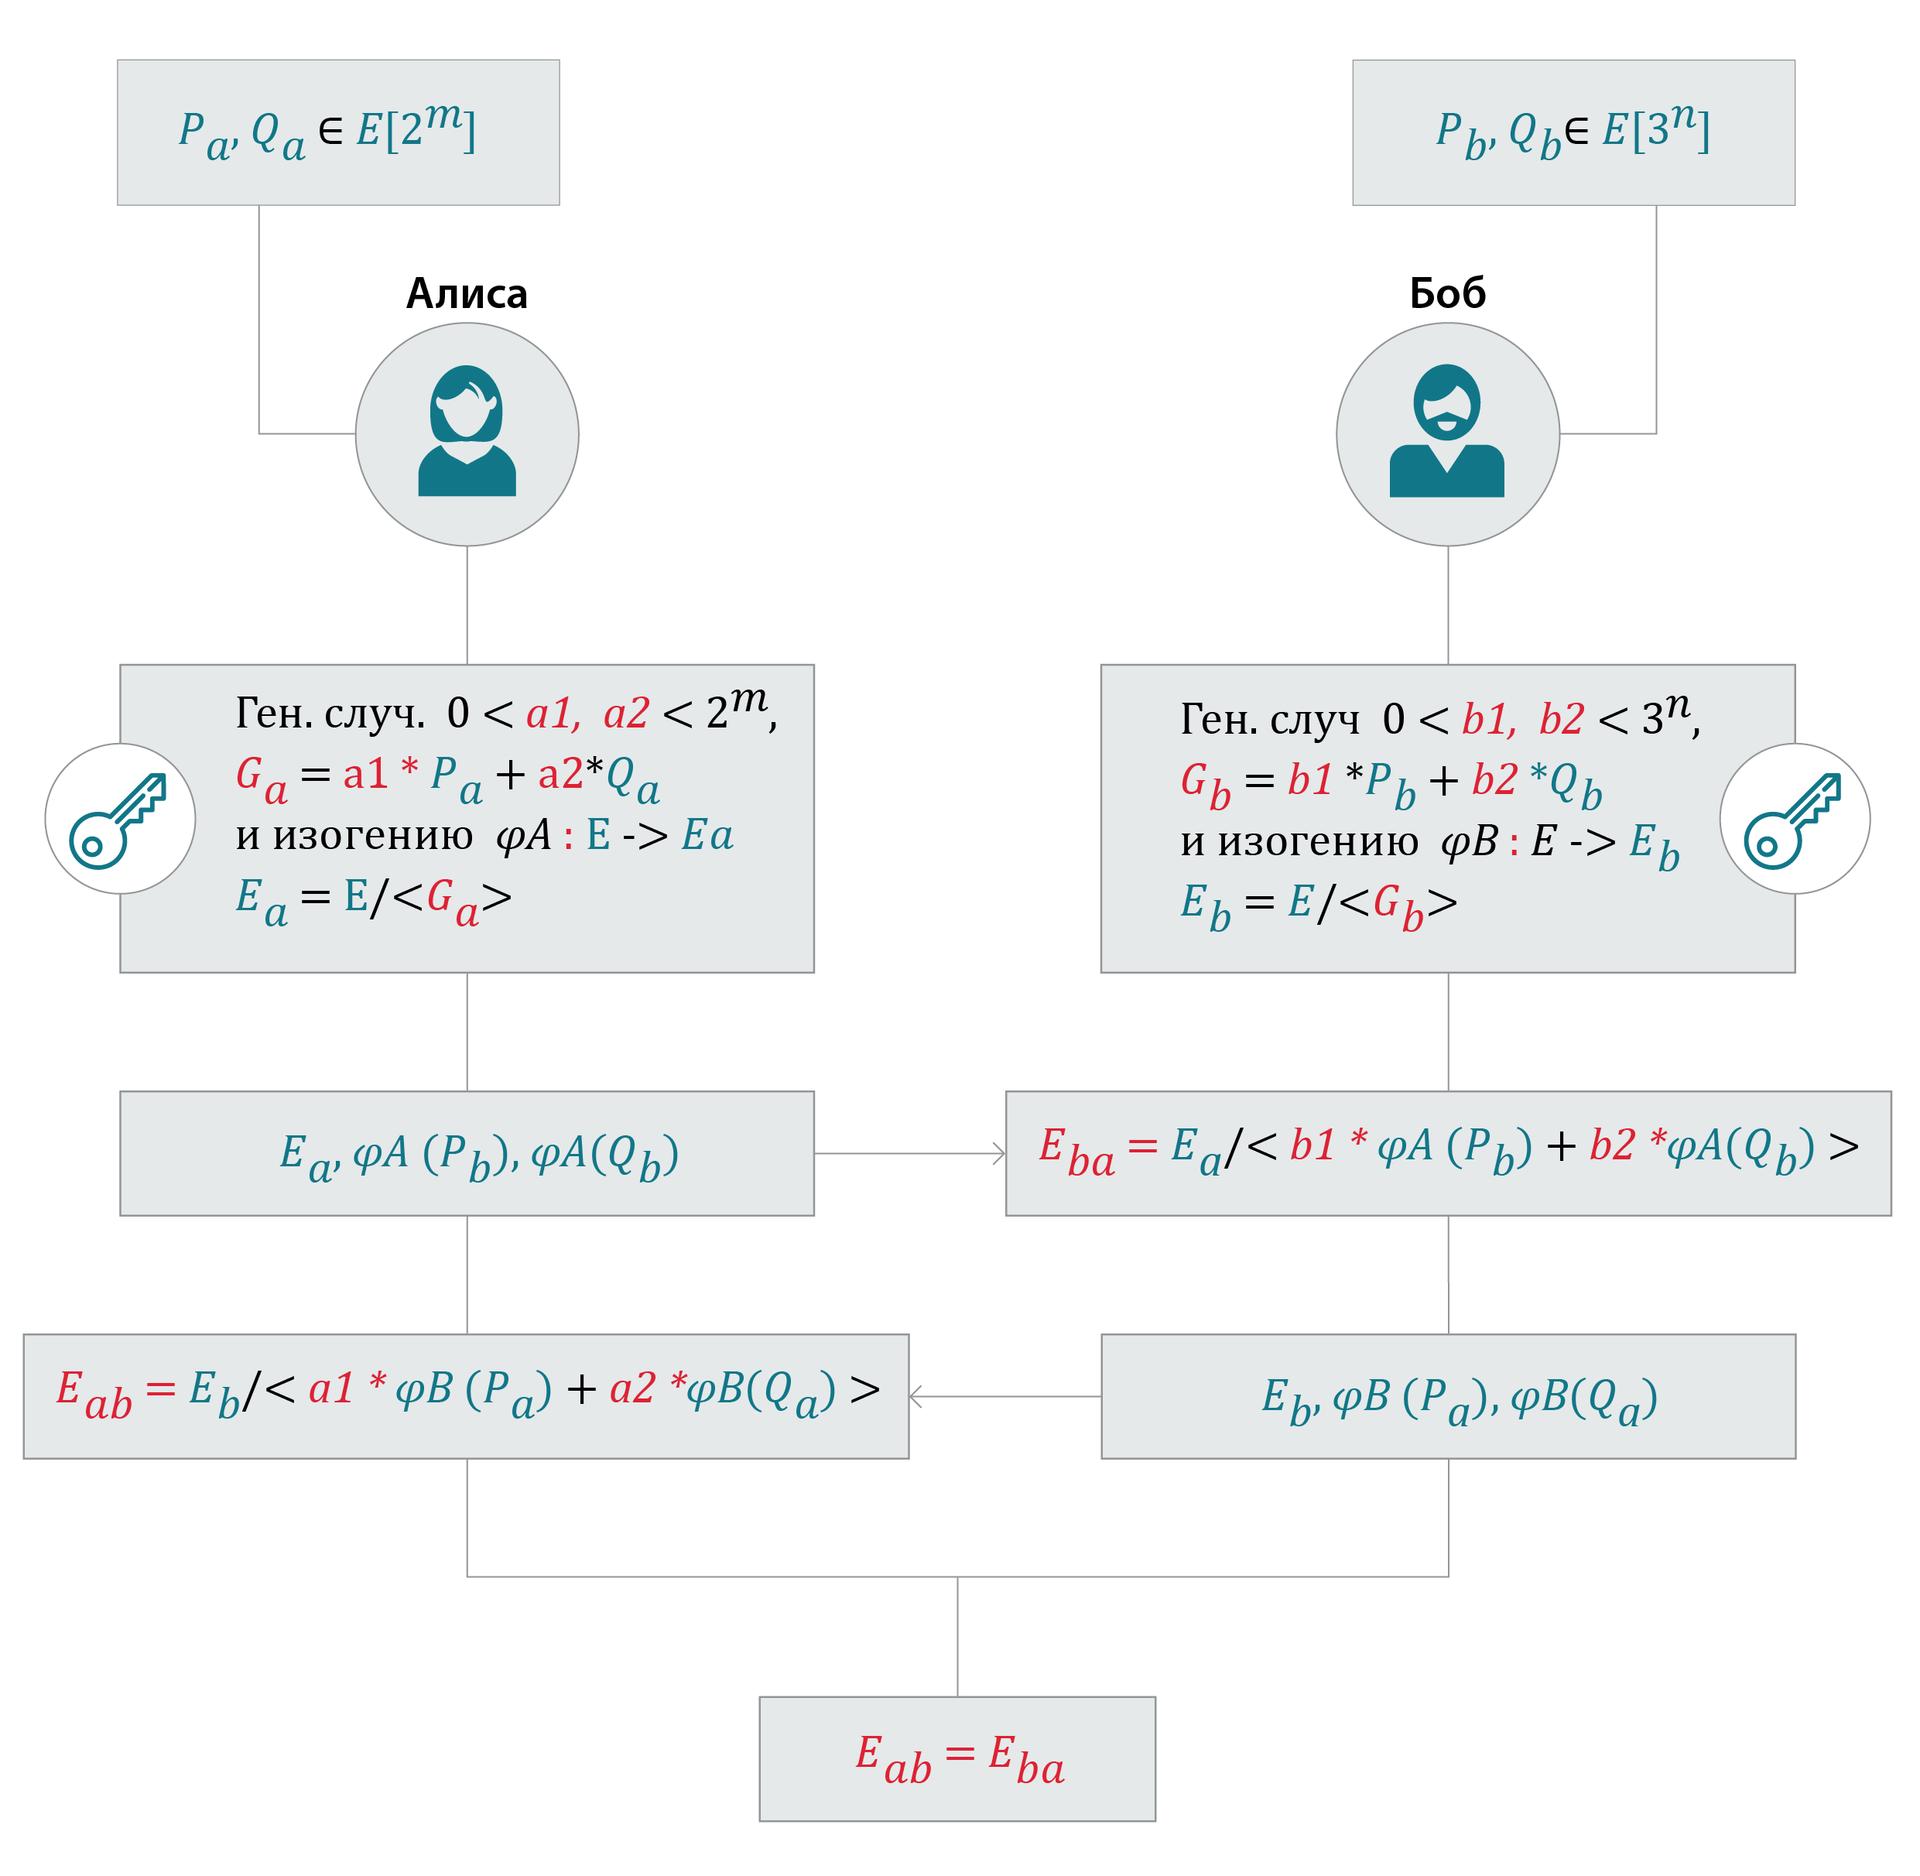 Постквантовая реинкарнация алгоритма Диффи-Хеллмана: вероятное будущее (изогении) - 4